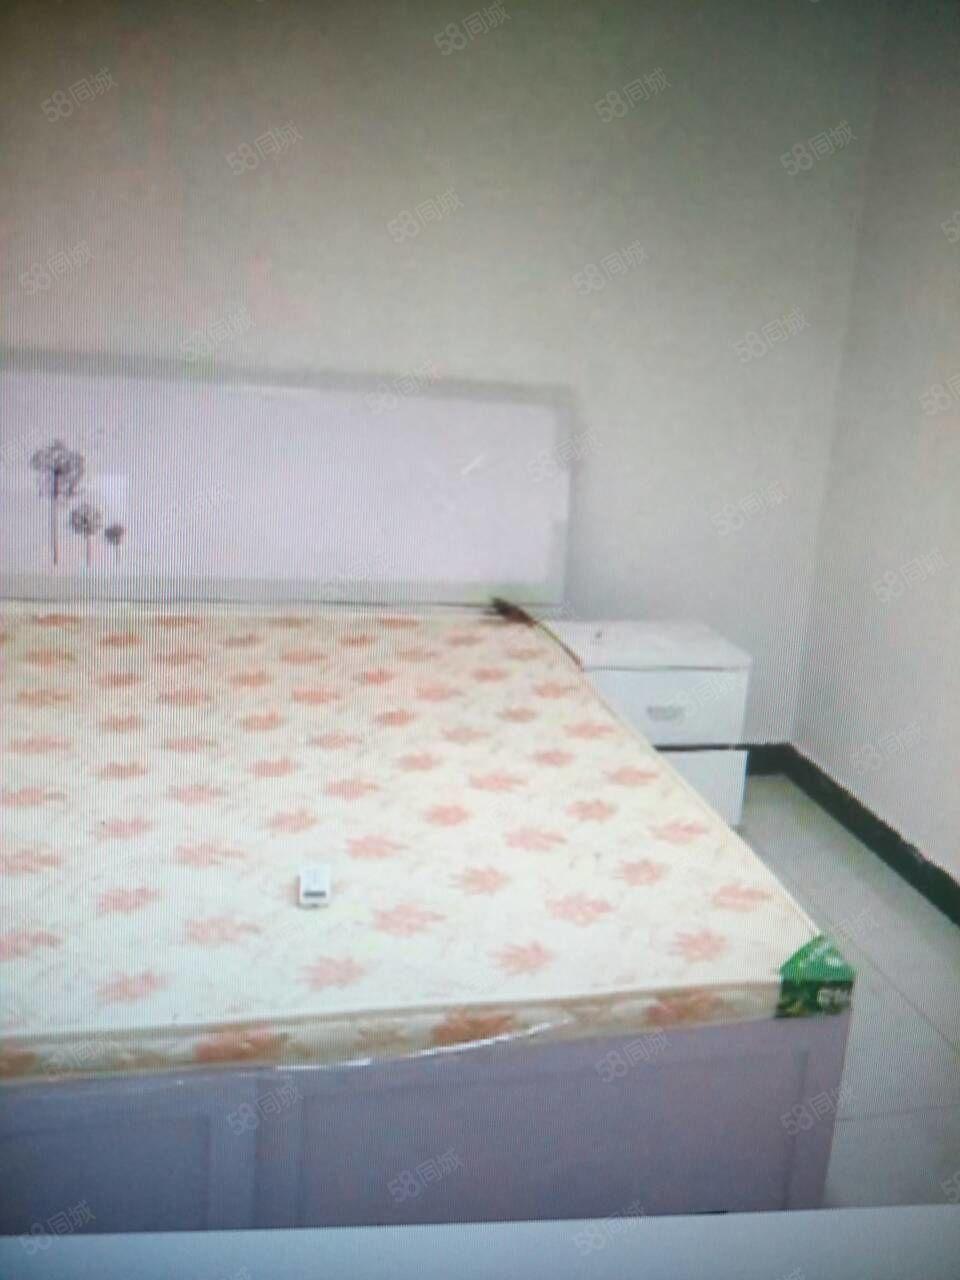 锦绣瑞园三室二厅一卫干净卫生,家电家具齐全,拎包入住